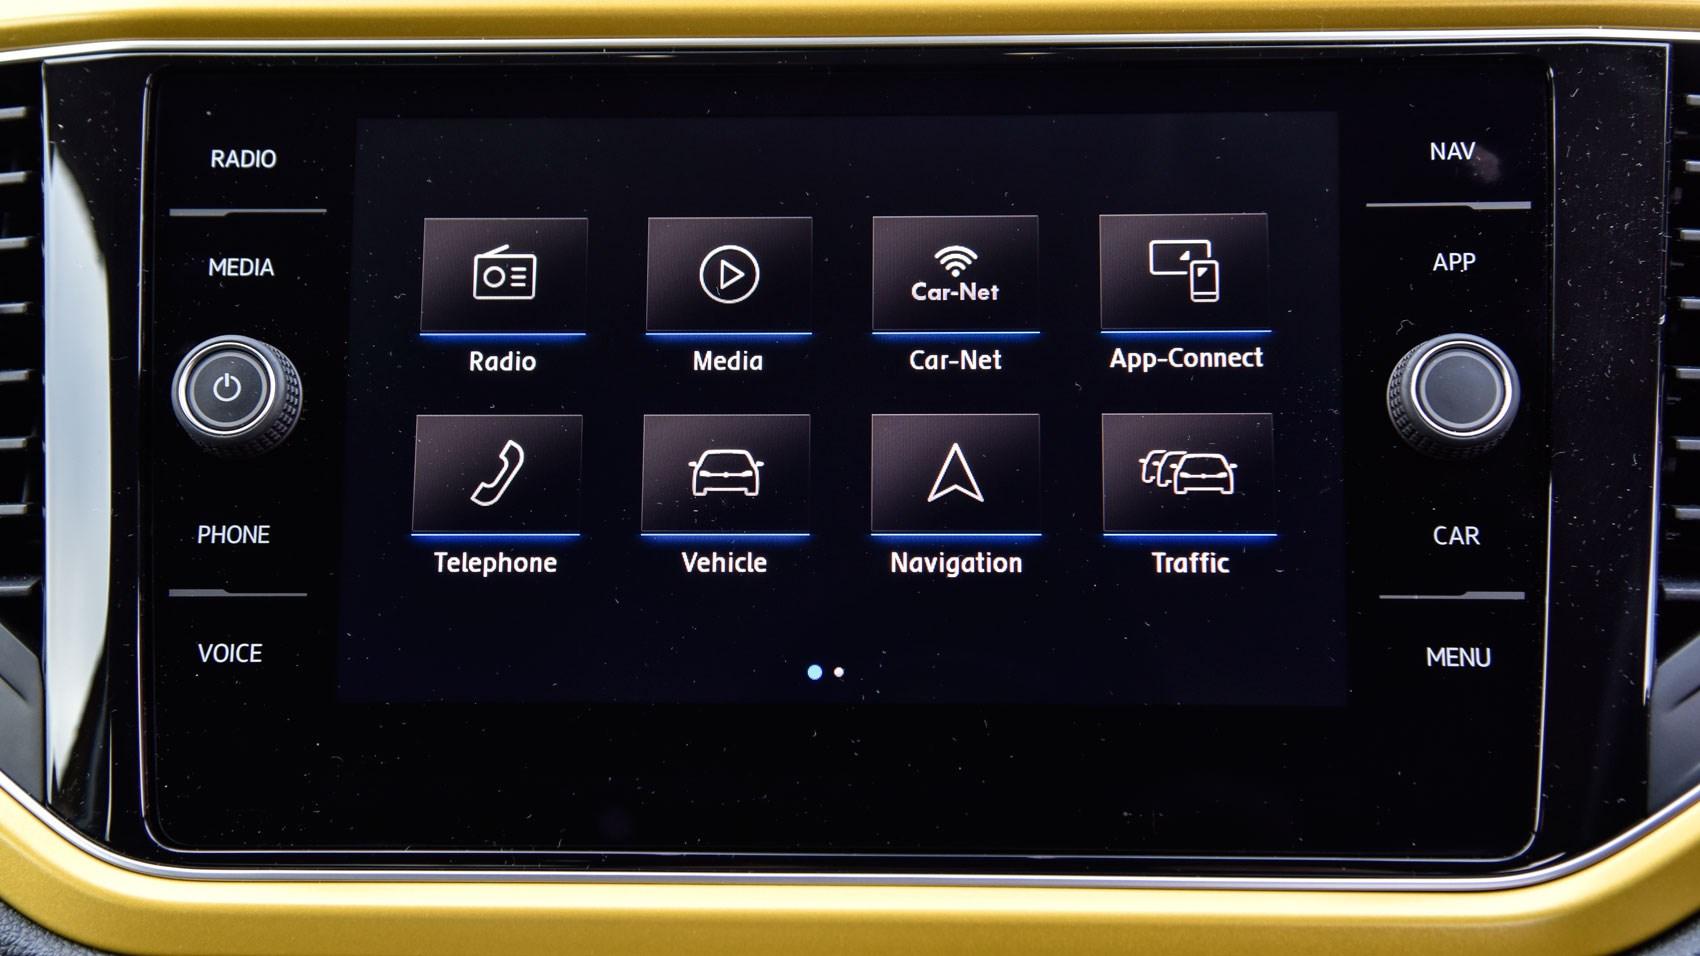 Vw Lease Deals >> VW T-Roc 1.0 TSI Design (2018) review | CAR Magazine